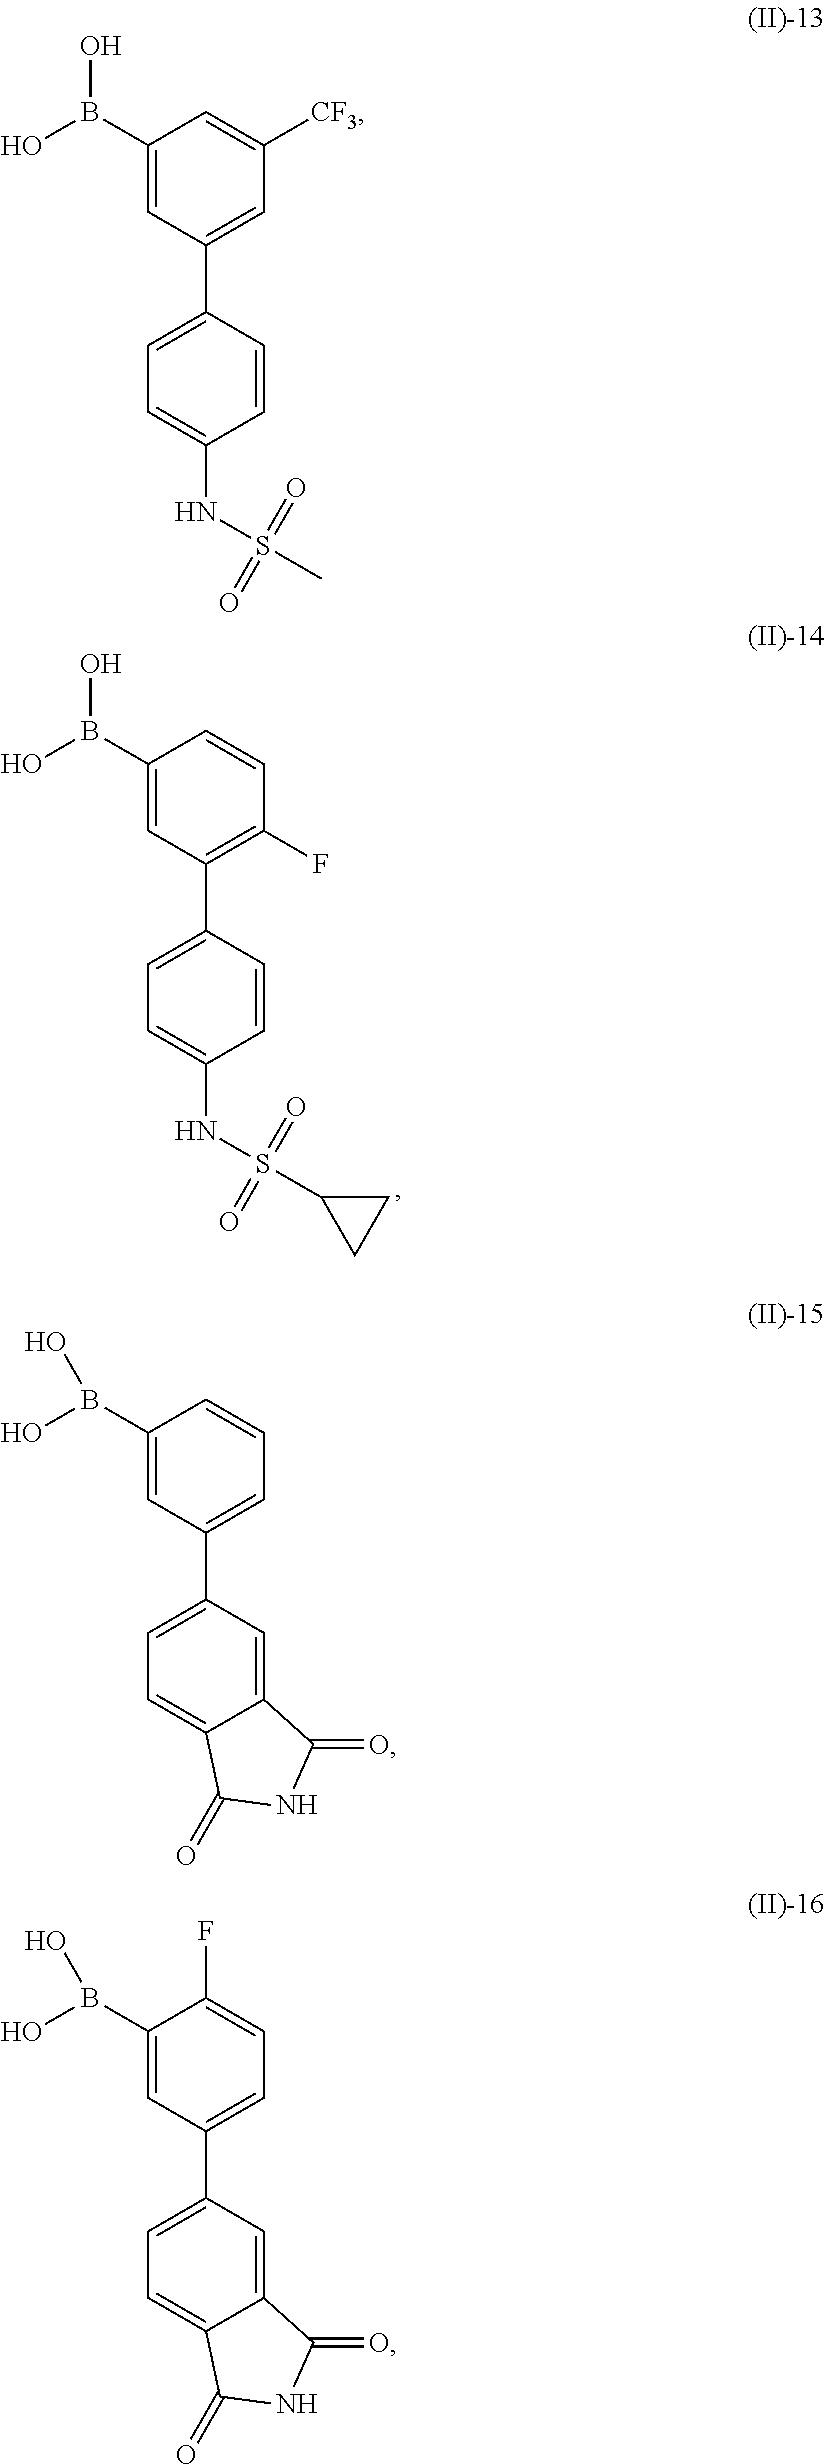 Figure US09630979-20170425-C00009